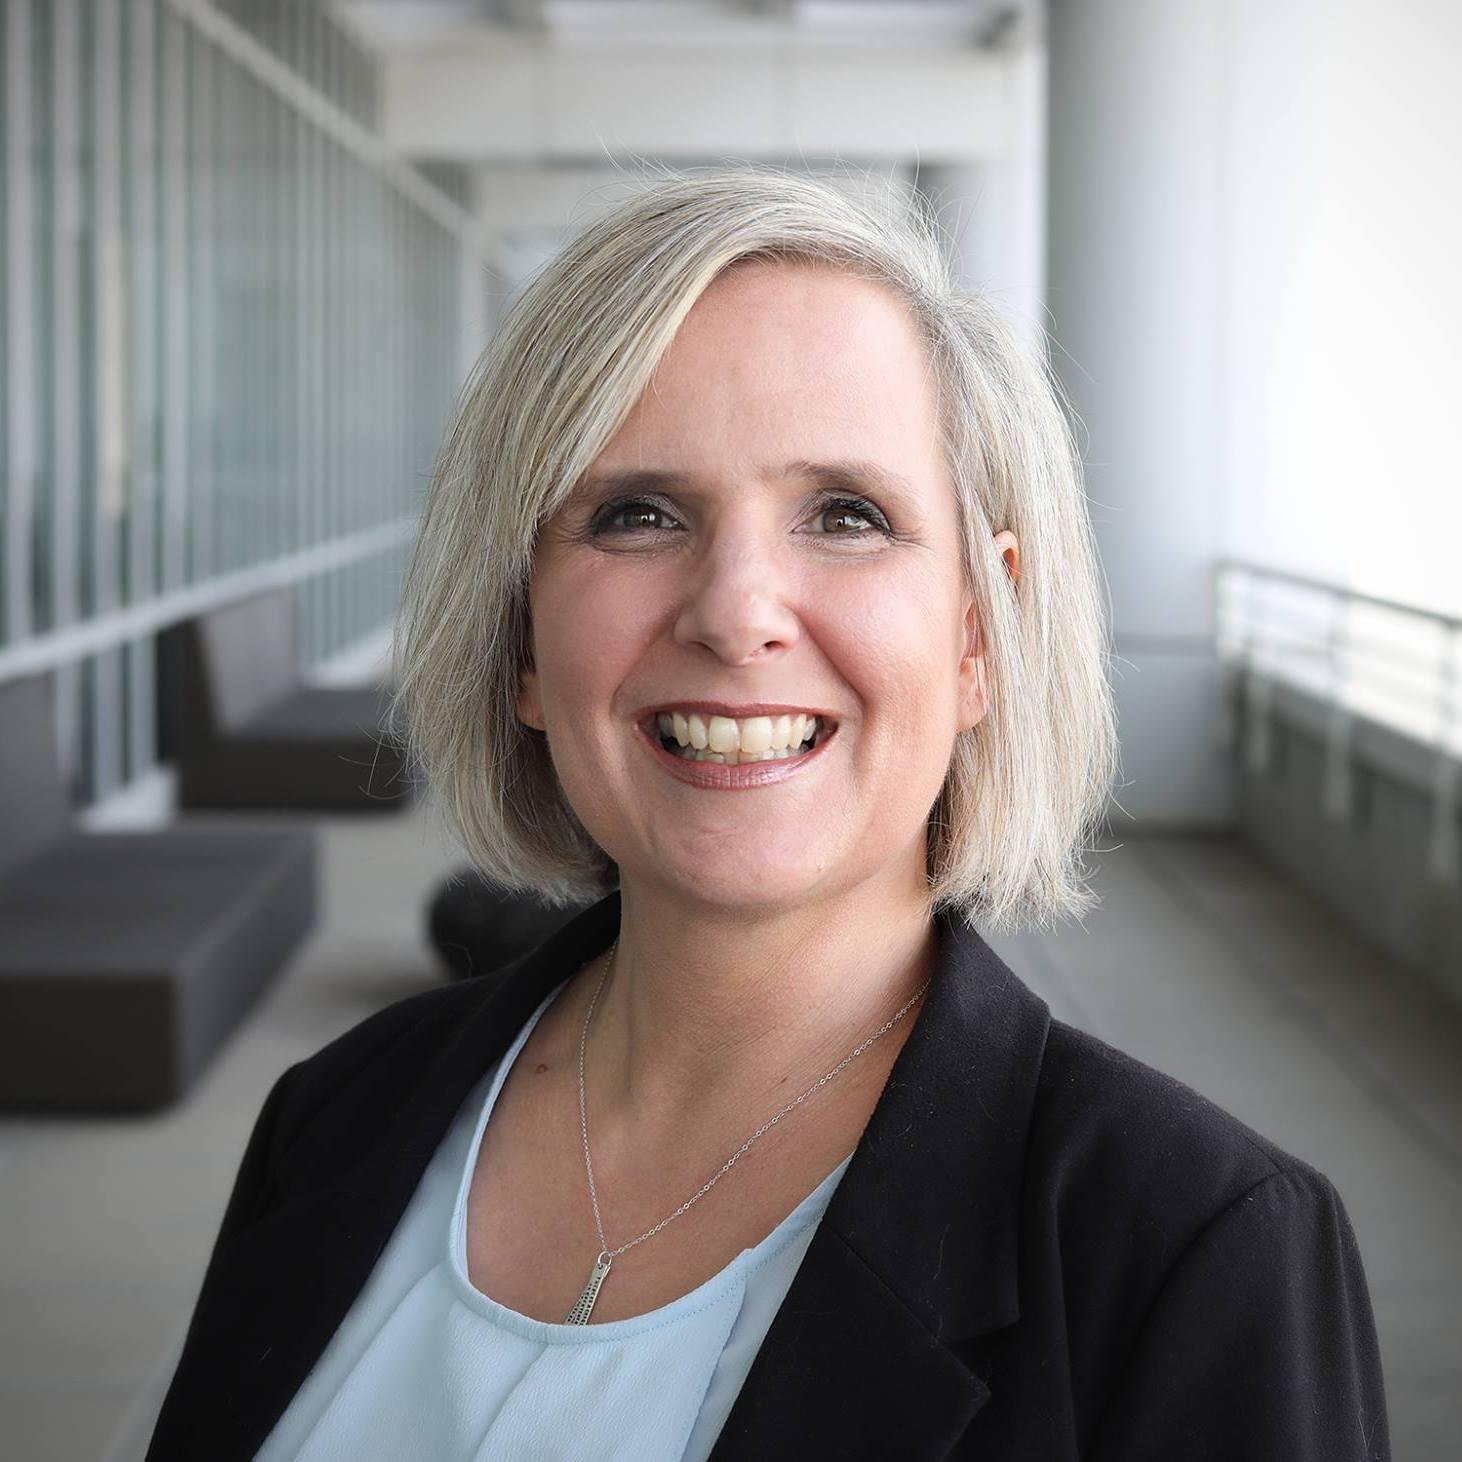 Shannon Hartsoe, communication specialist twenty over ten